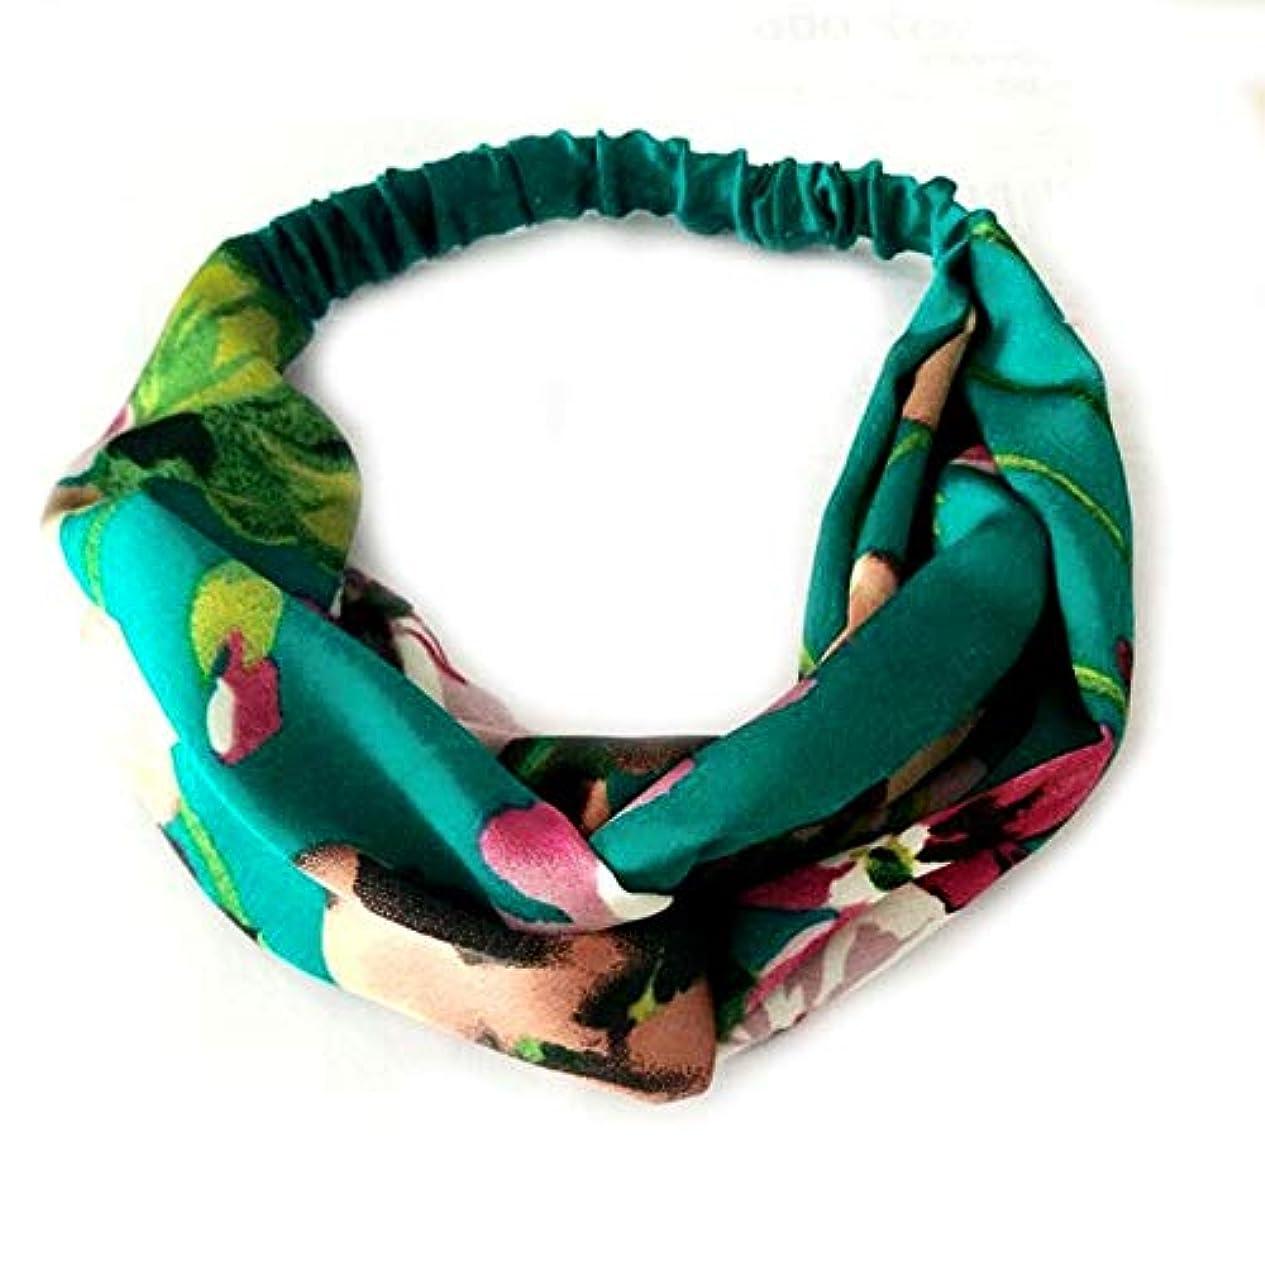 フェミニンいらいらさせるブリークフラワーヘアピンFlowerHairpin YHM女性サマーボヘミアンヘアバンドレトロクロスバンダナヘアアクセサリー(レッド) (色 : Green)